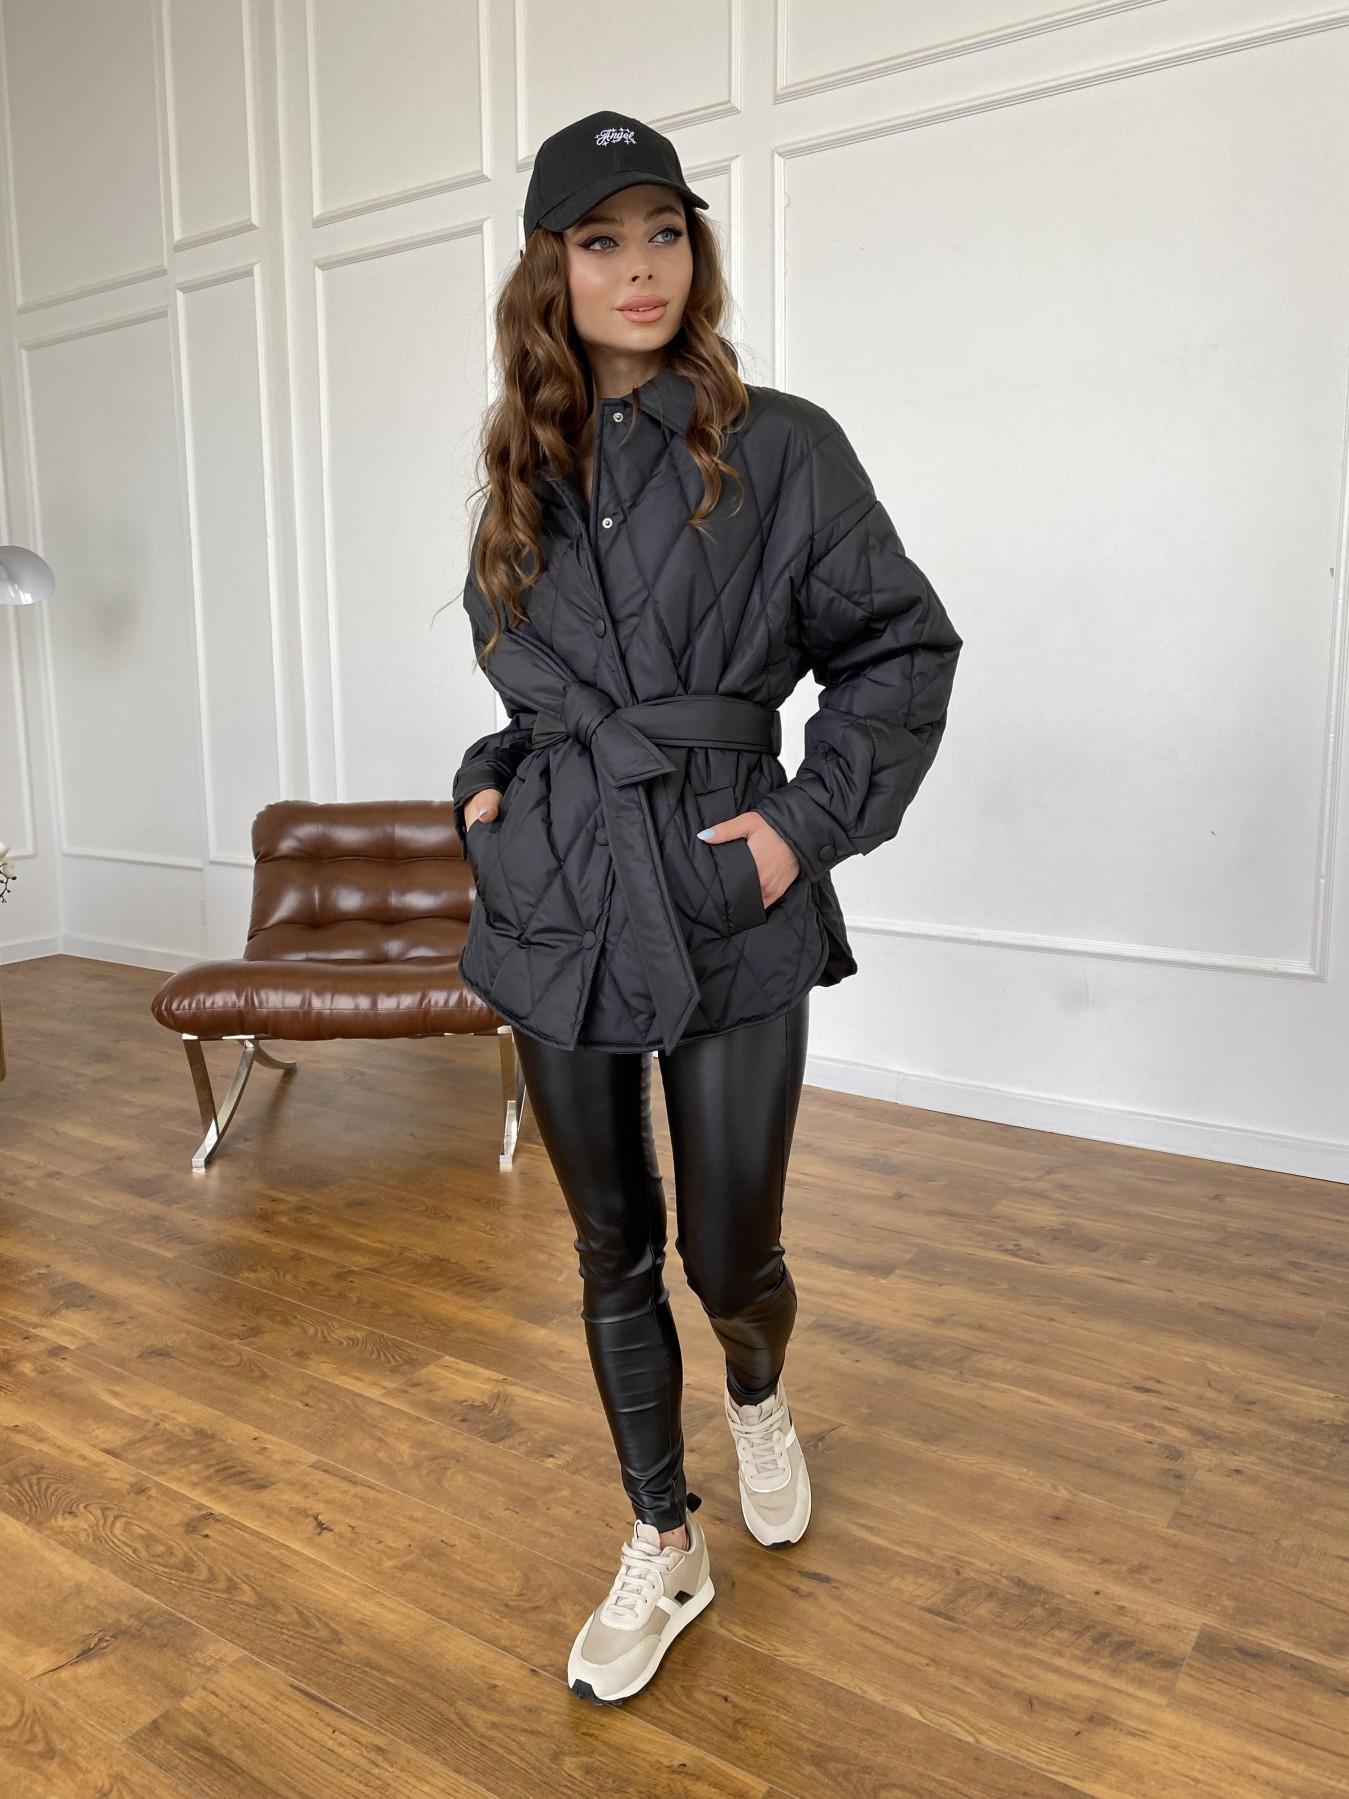 Моно куртка из плащевой ткани Ammy 10972 АРТ. 47618 Цвет: Черный - фото 6, интернет магазин tm-modus.ru